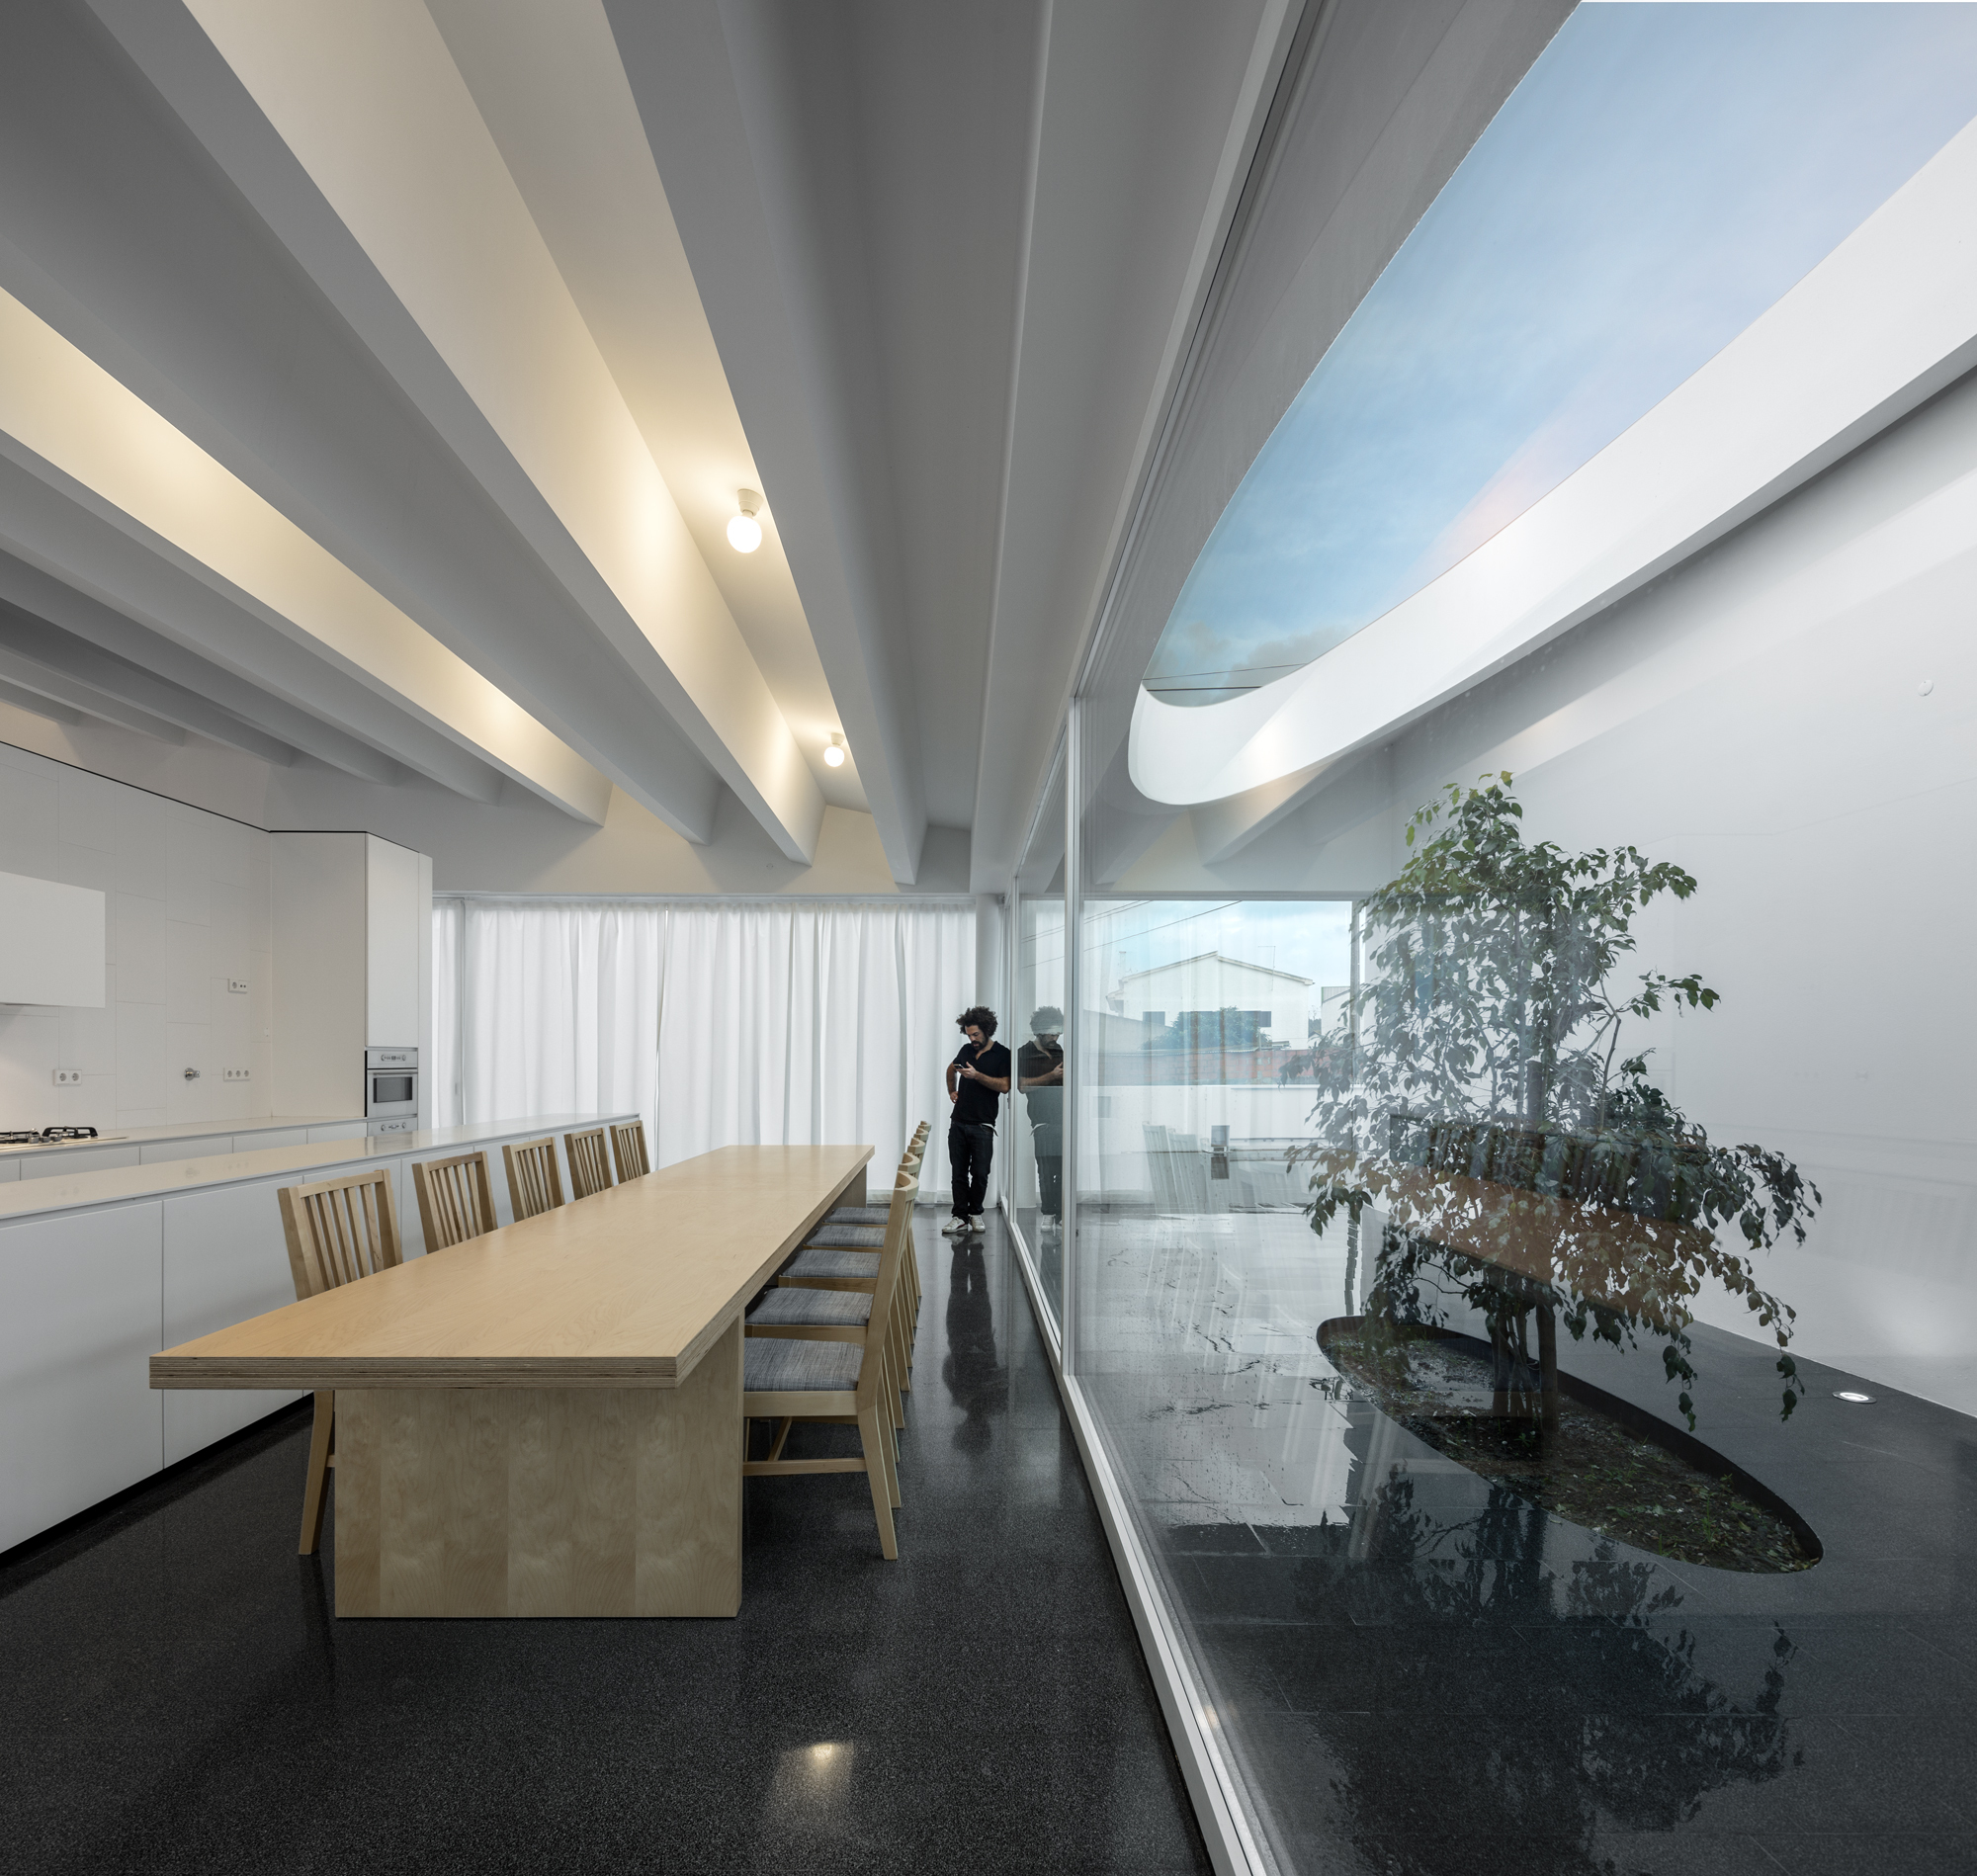 Pó House  / Ricardo Silva Carvalho Arquitectos, © FG+SG - Fotografia de Arquitectura